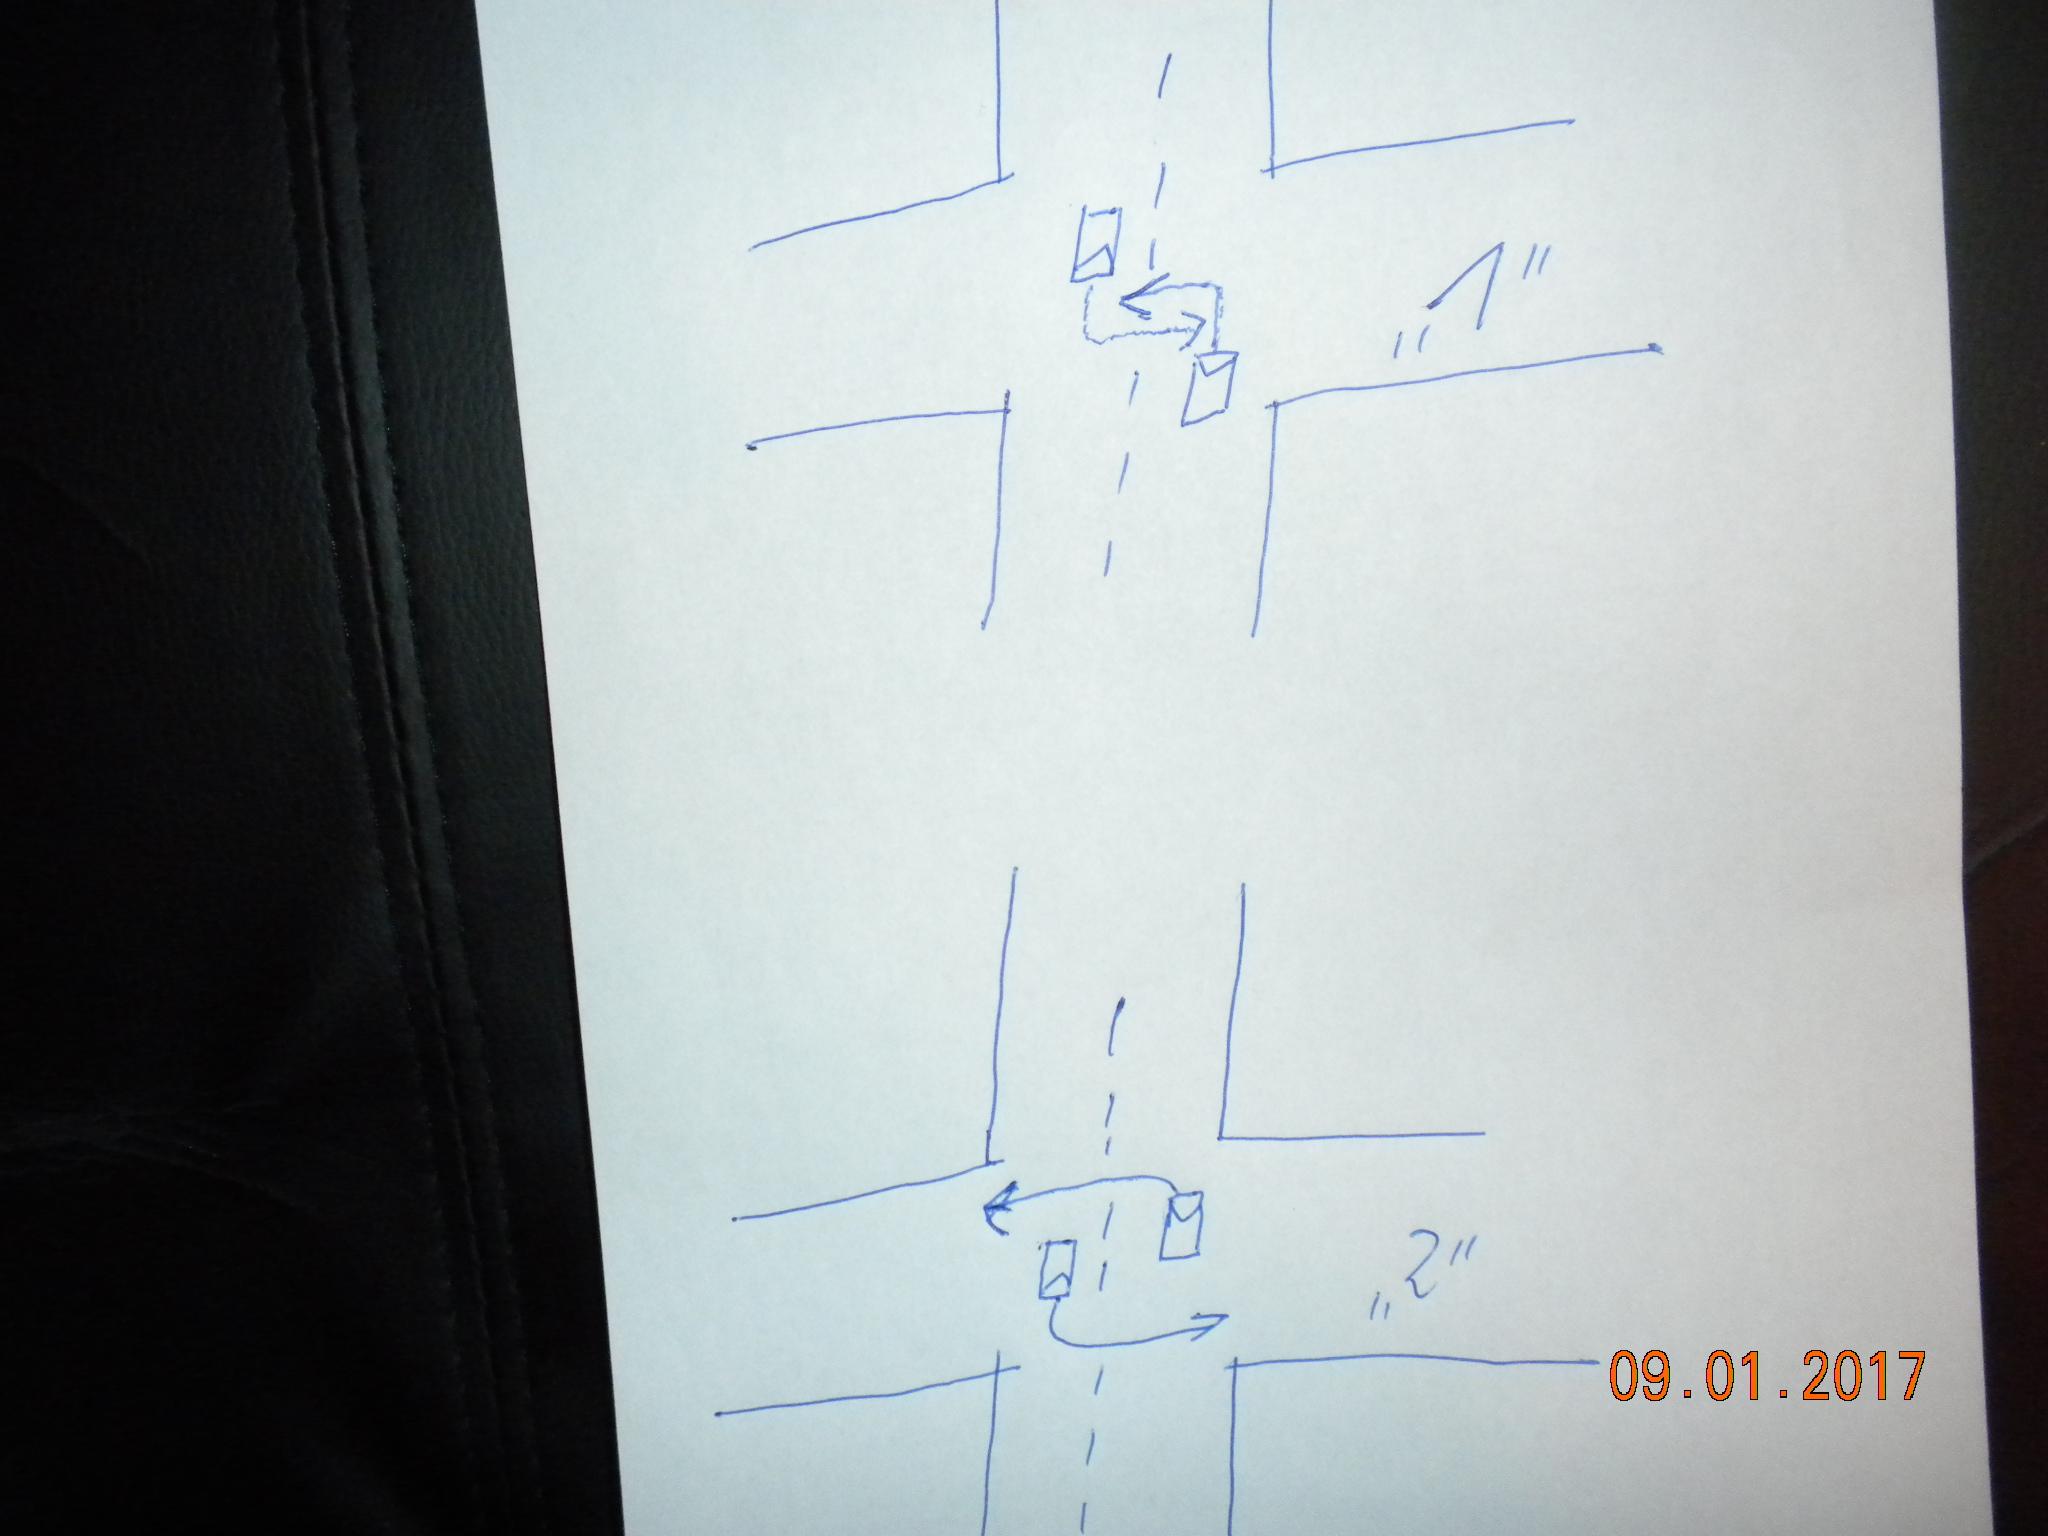 wie wird an kreuzungen richtig links abgebogen bei gegenverkehr siehe skizze stra enverkehr. Black Bedroom Furniture Sets. Home Design Ideas